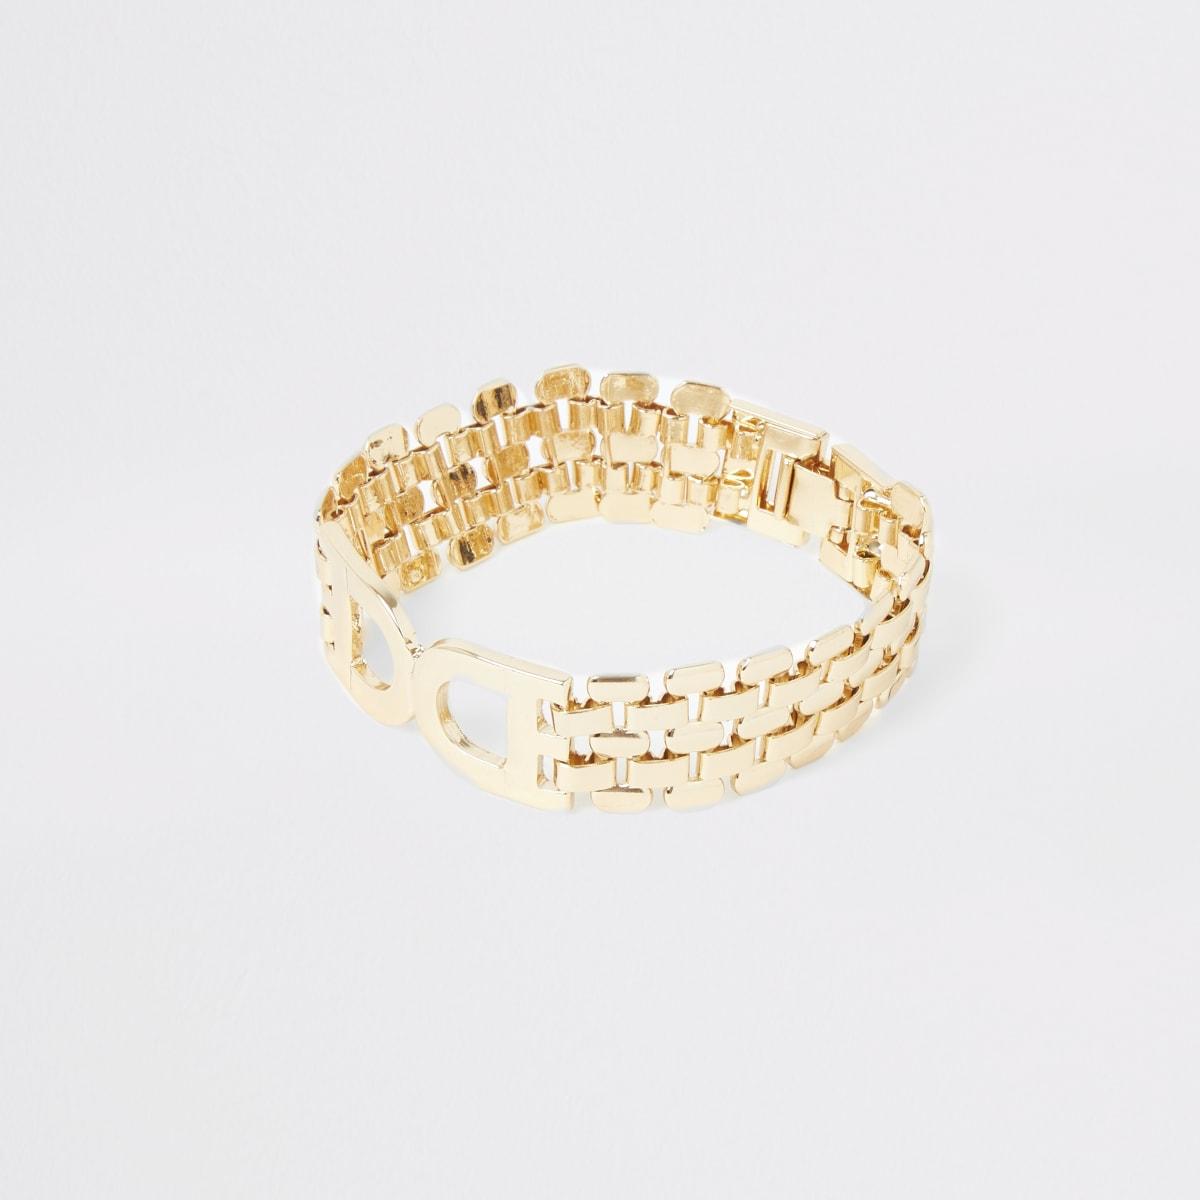 Gold colour D ring chain bracelet